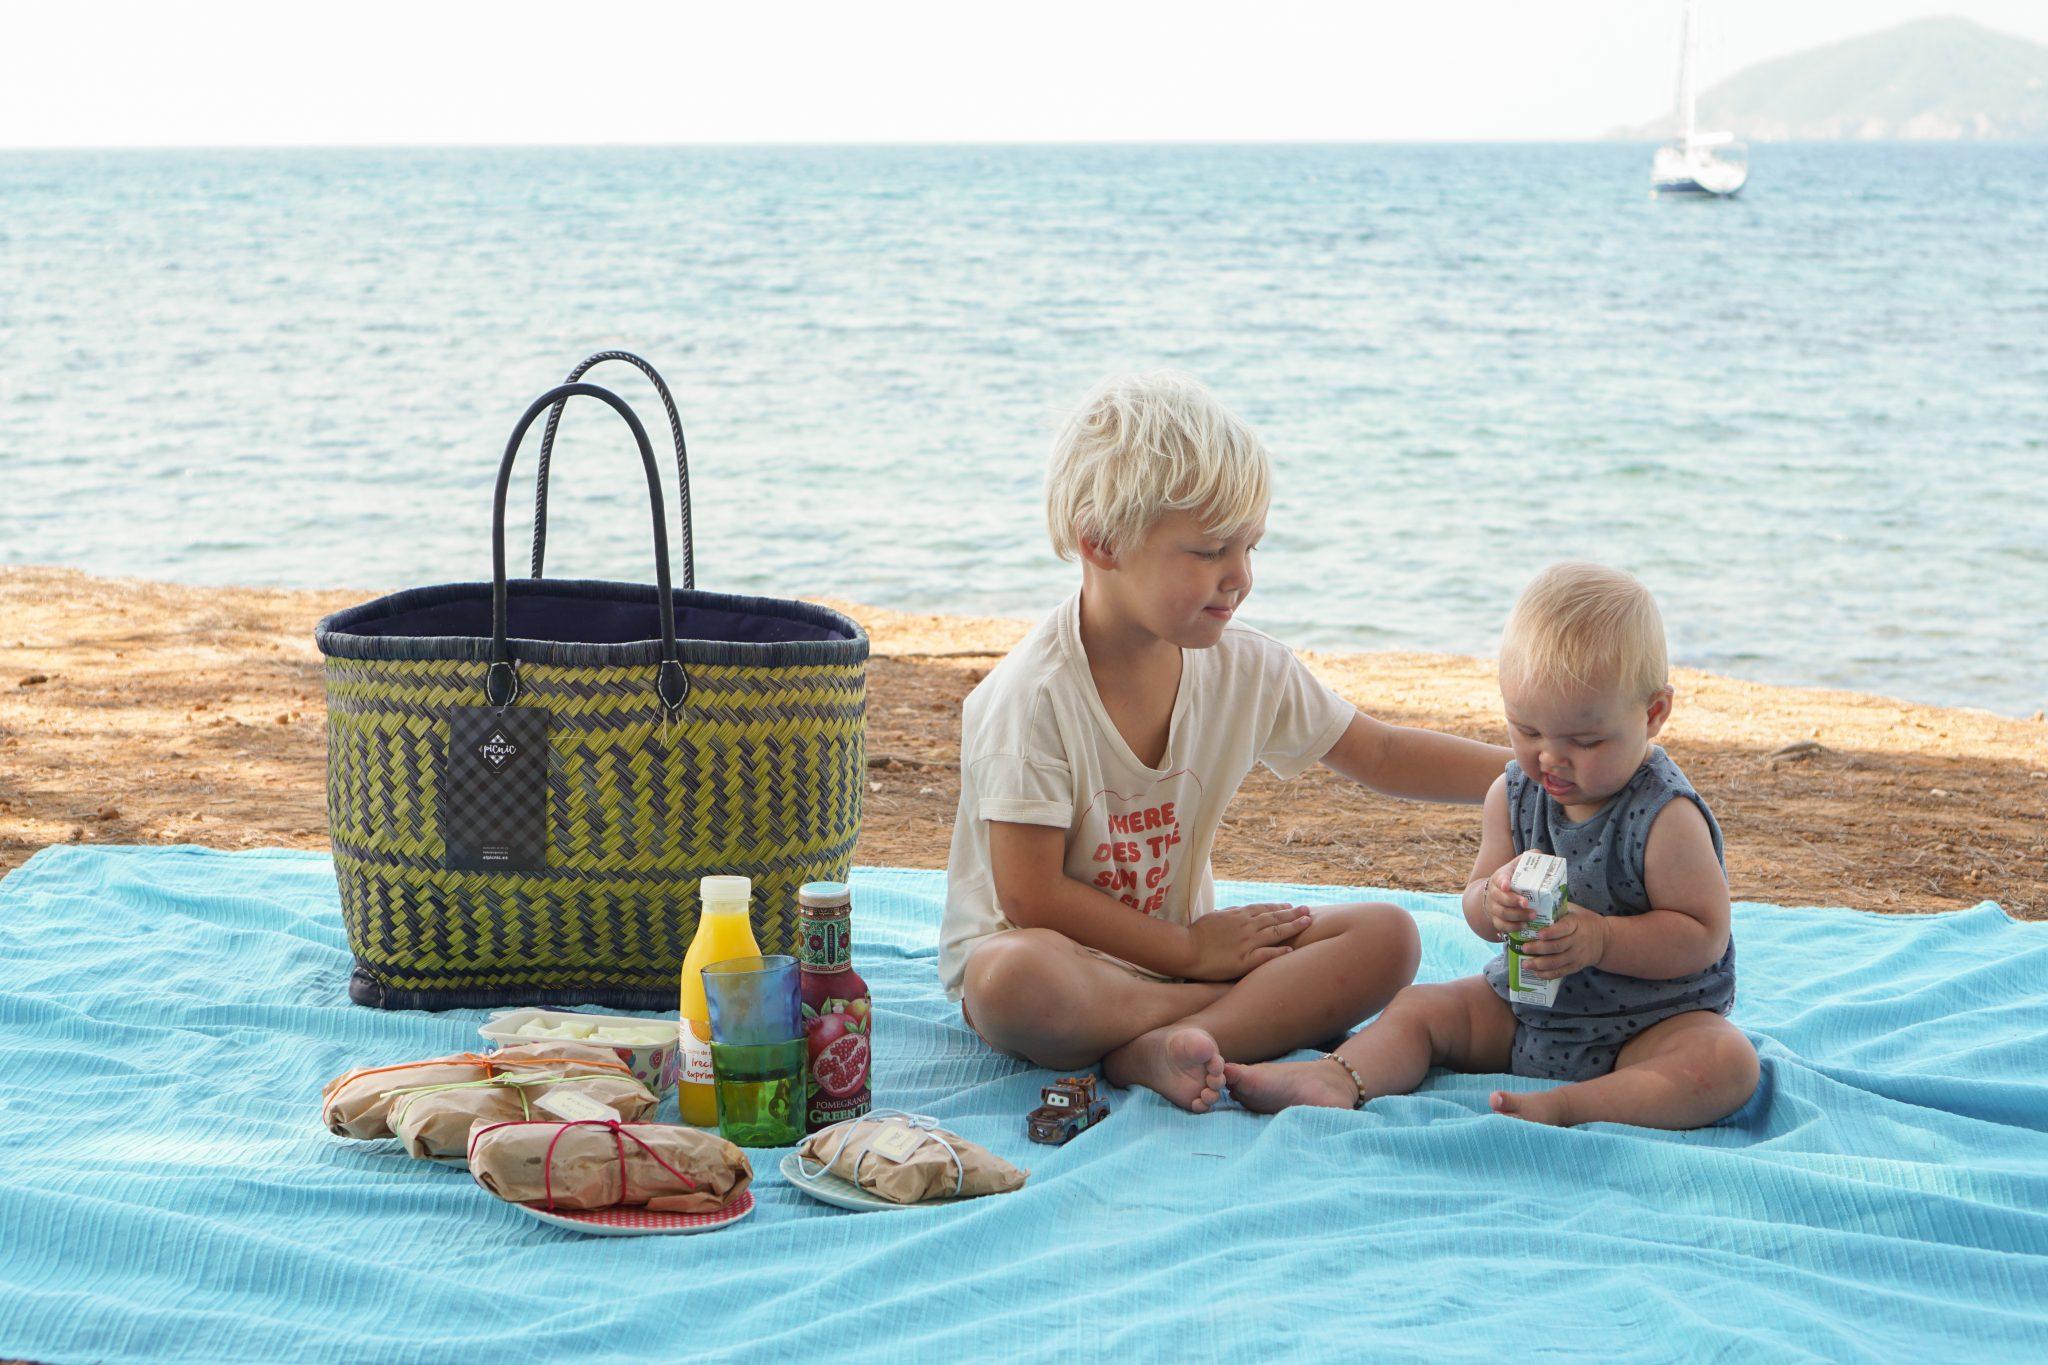 Anders uiteten op Ibiza: ga picknicken of bestel een salade!